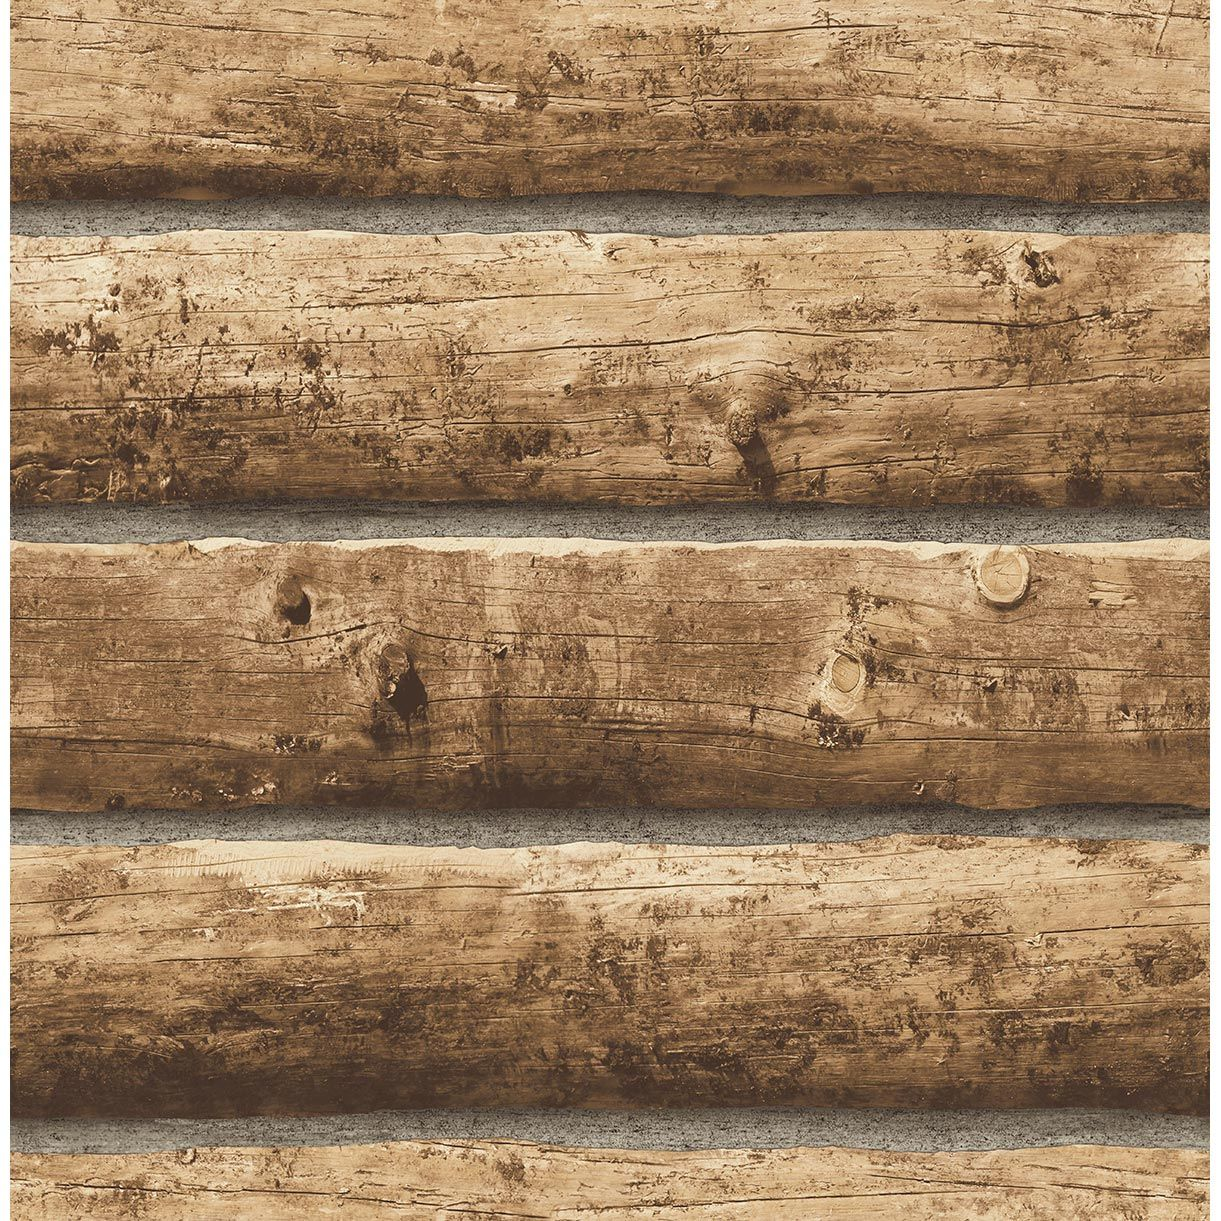 Papier Peint Vinyle 3d Planche En Bois Beige Leroy Merlin En 2020 Papier Peint Vinyle Plancher Bois Papier Peint